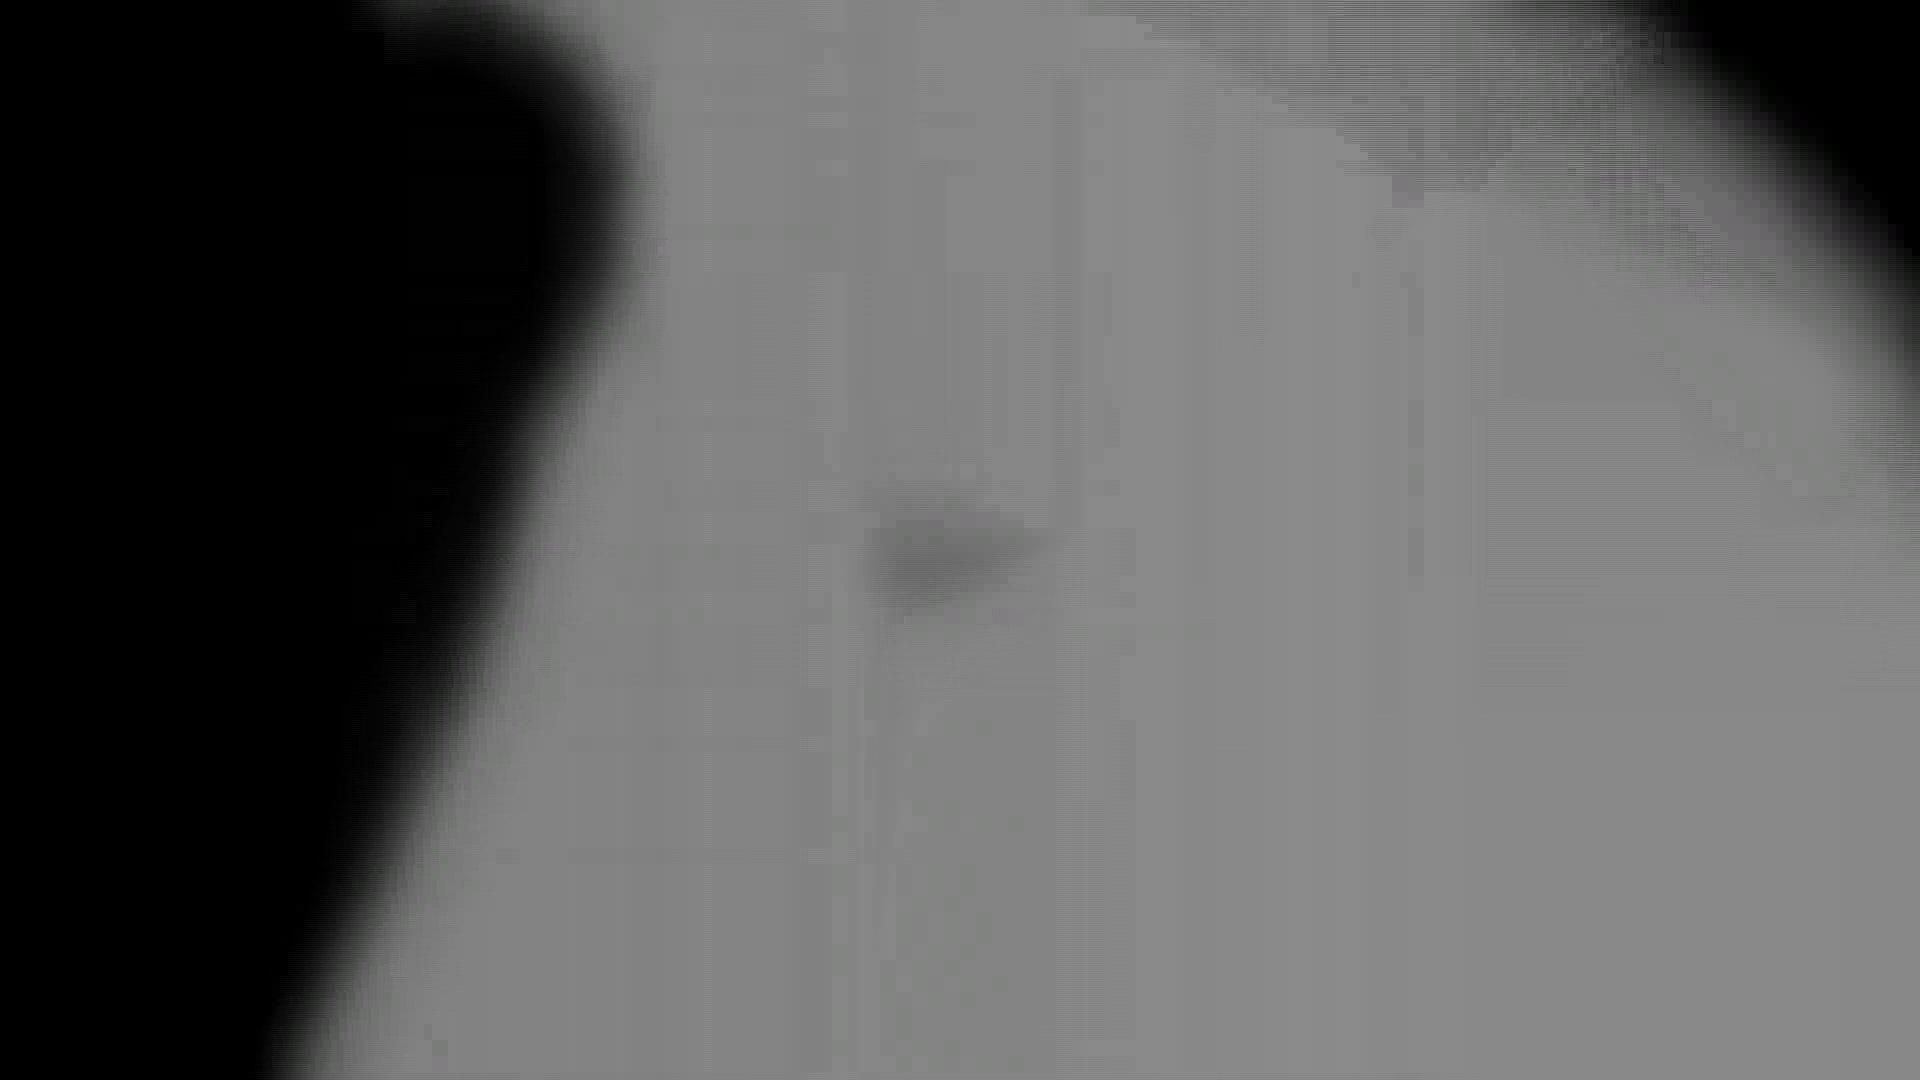 美しい日本の未来 特別版 軌跡2 高画質 おまんこ無修正動画無料 93枚 67